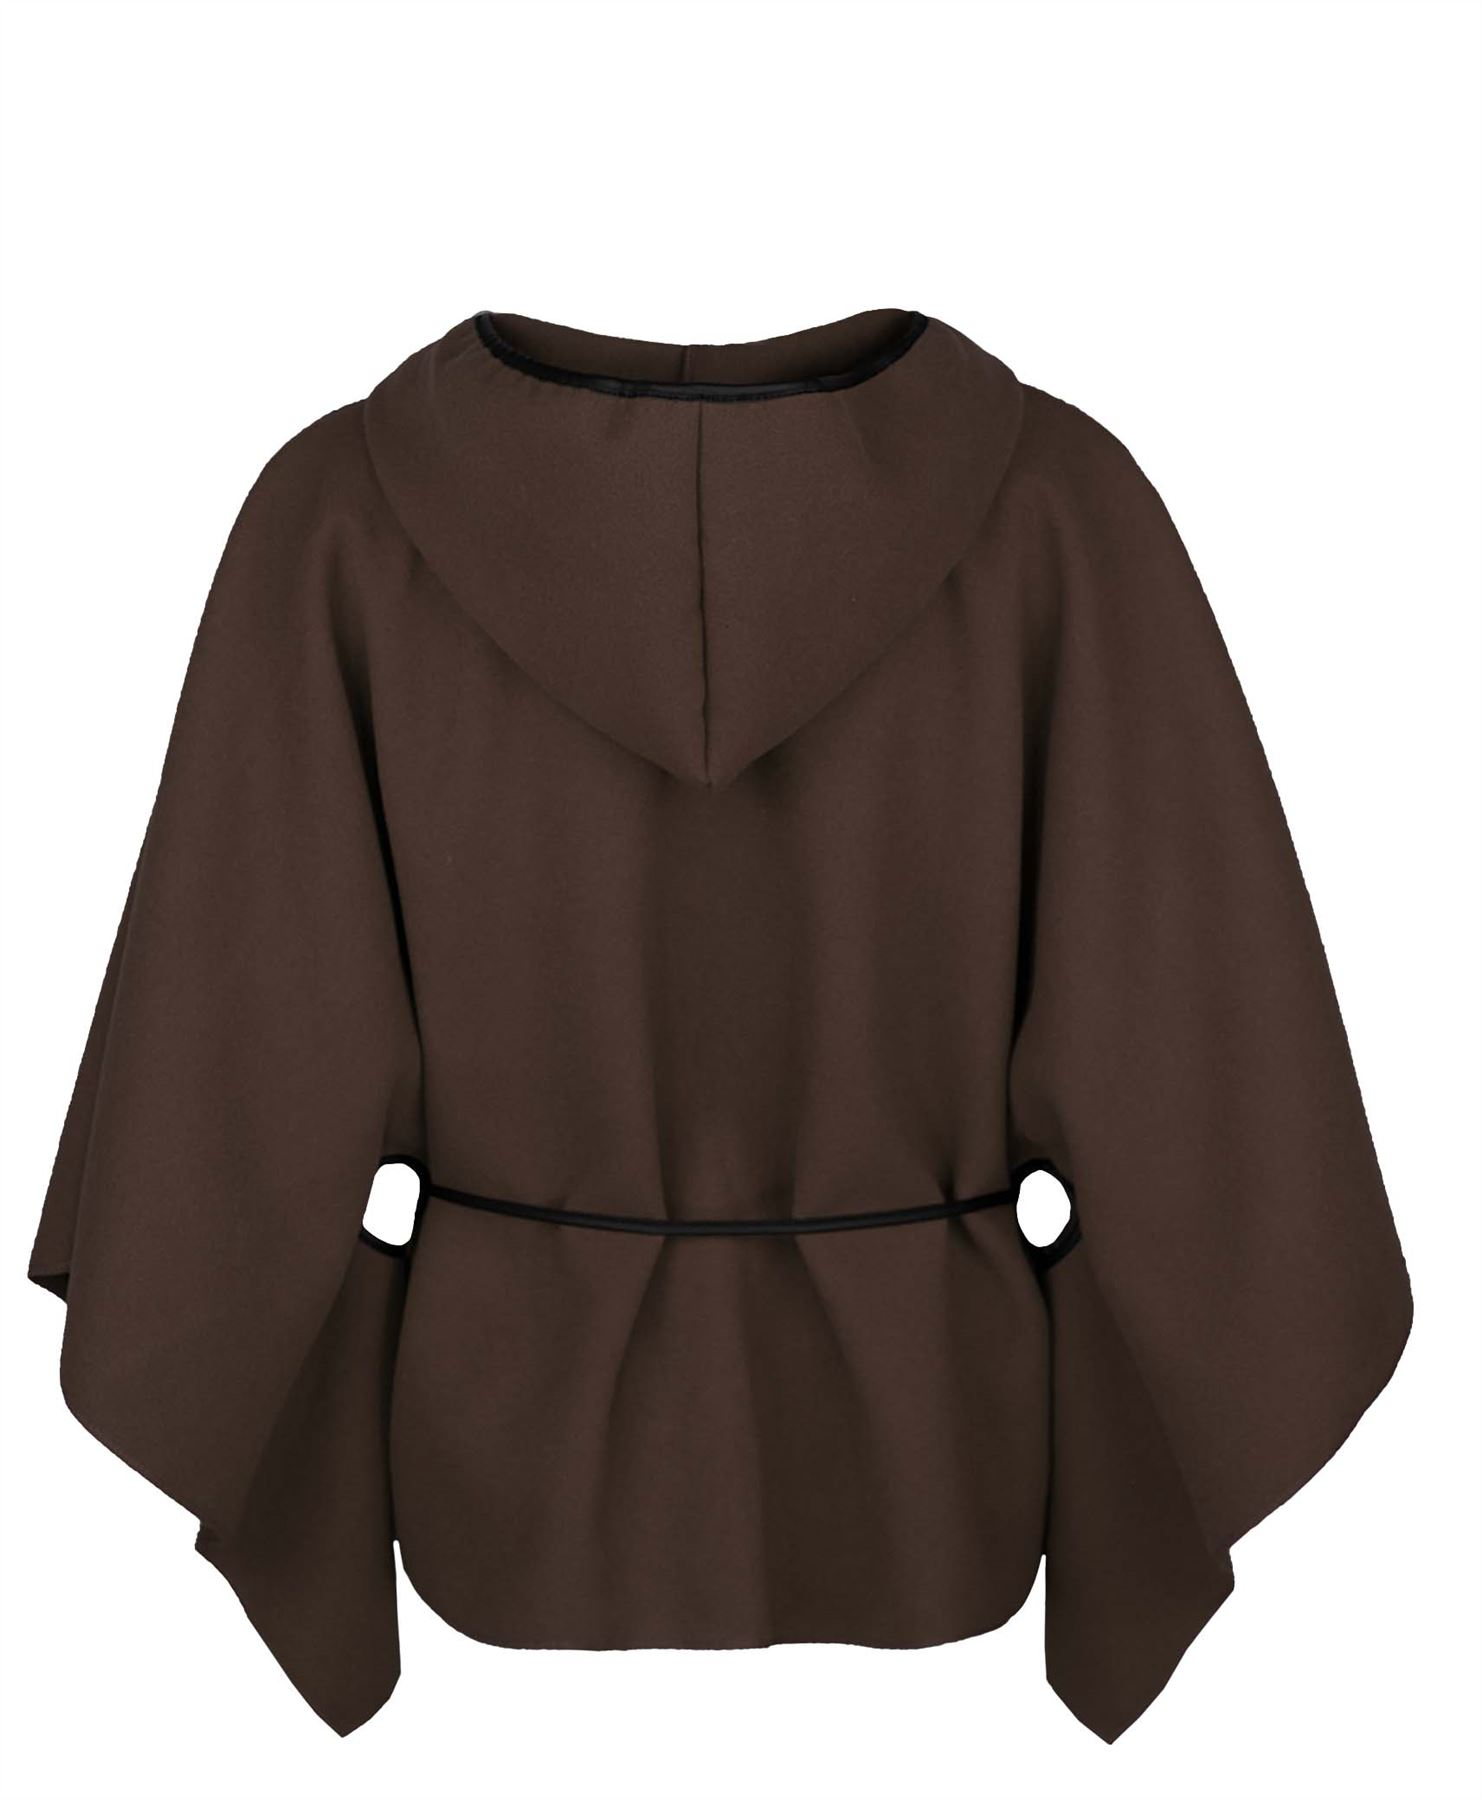 Poncho coats for women